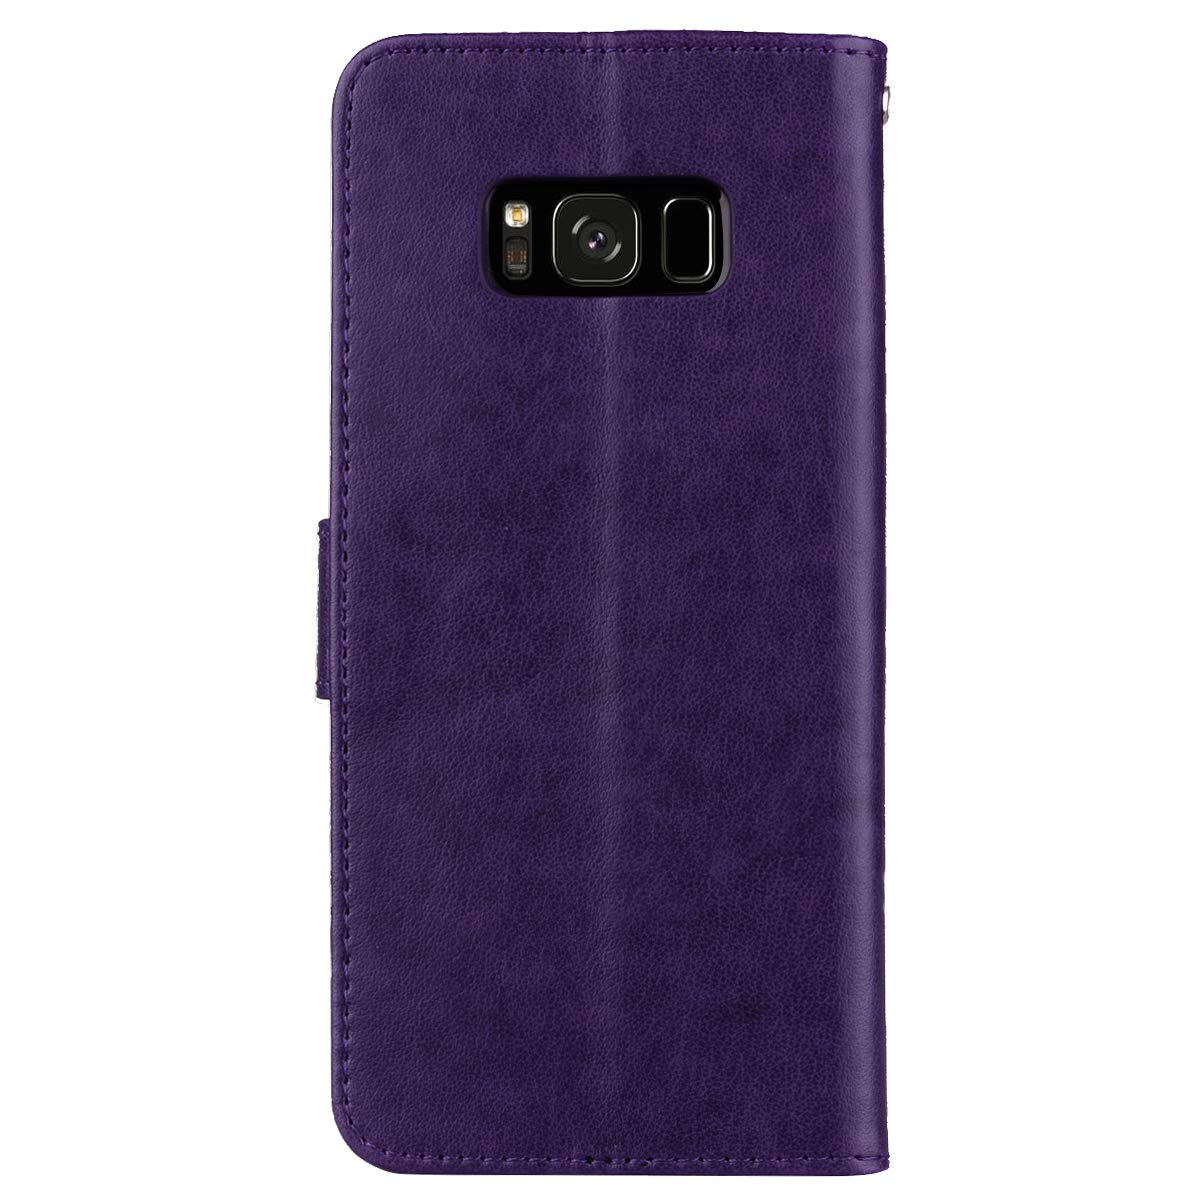 Rouge Hpory Coque Compatible avec Samsung Galaxy S8 Housse Etui en Cuir Coque /à Rabat Magn/étique Portefeuille Cover Case en Relief Rose Fleurs Pure Color PU Cuir Wallet Case